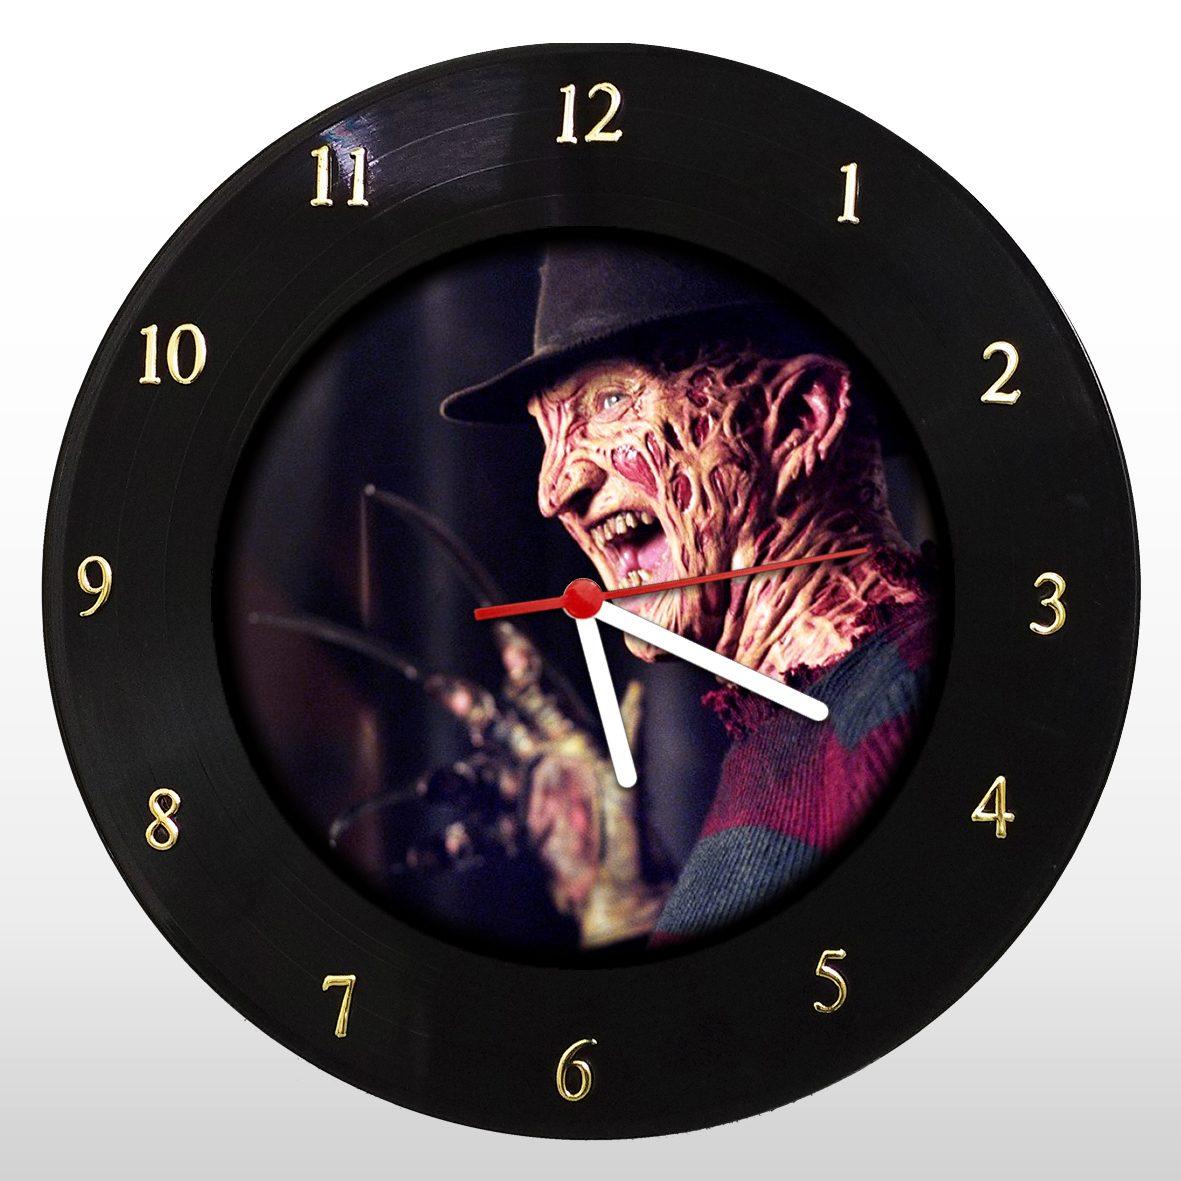 Freddy Krueger - Relógio de Parede em Disco de Vinil - Mr. Rock